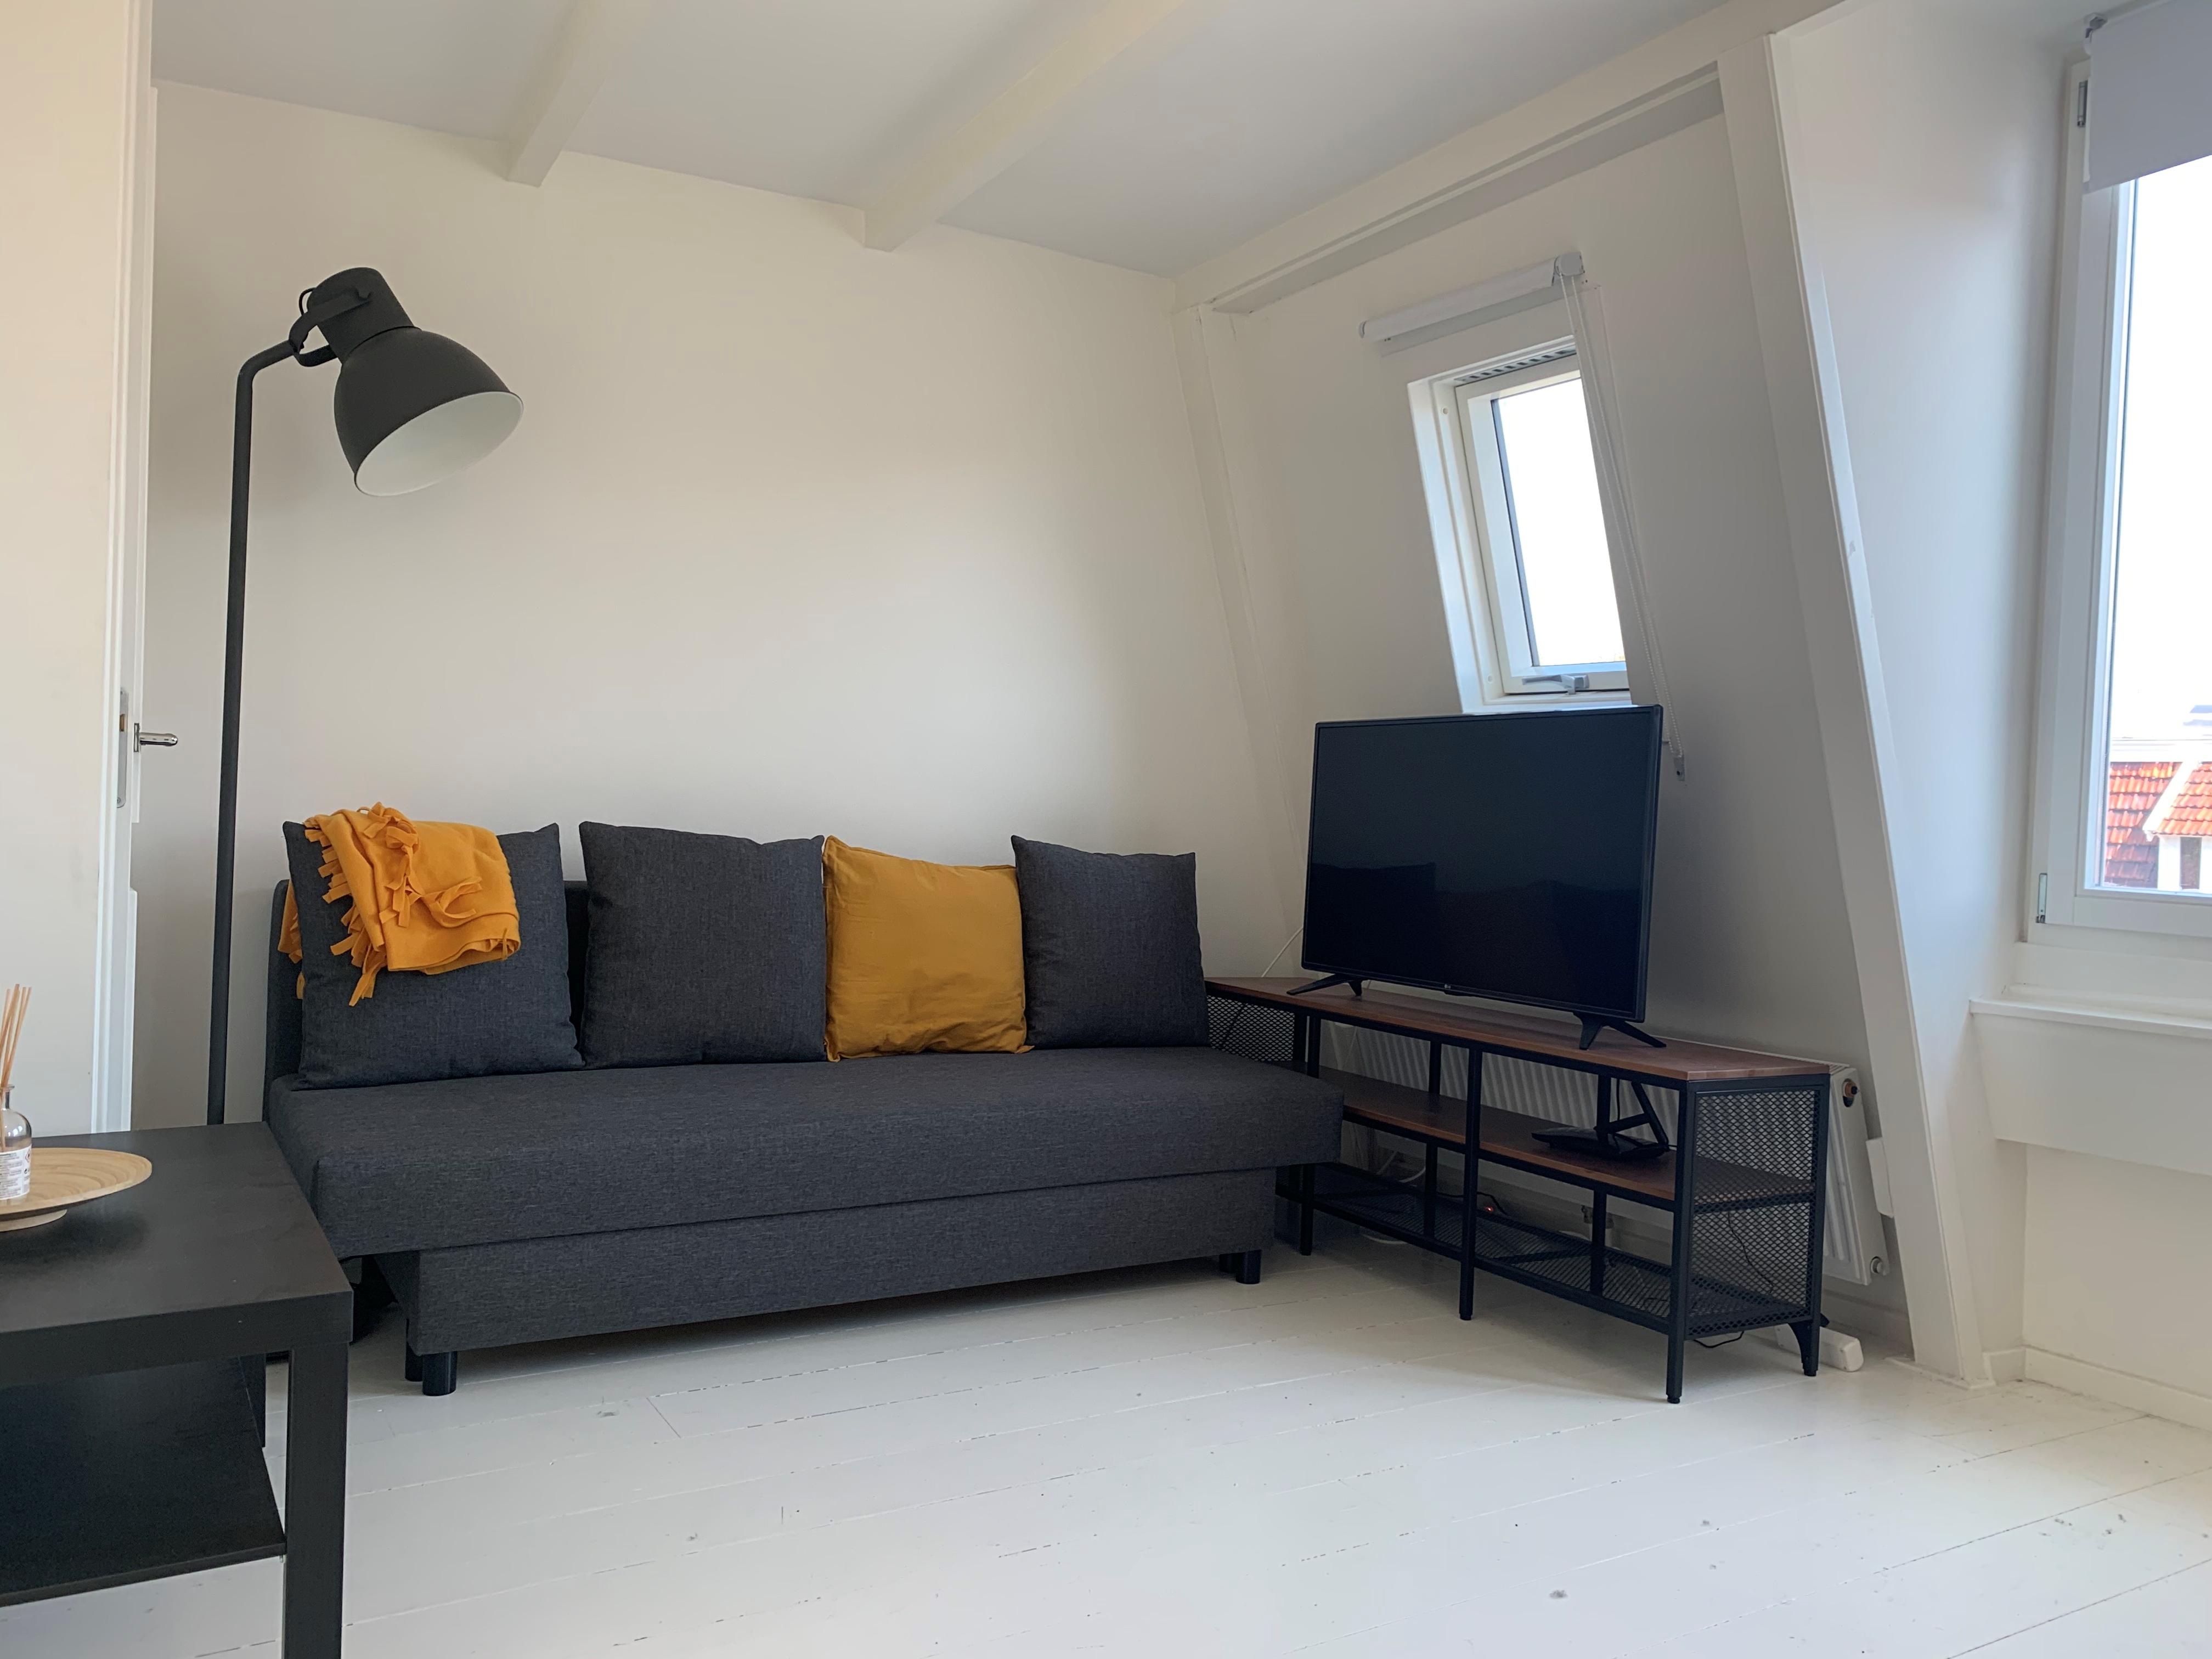 Jan Pieter Heijestraat 116